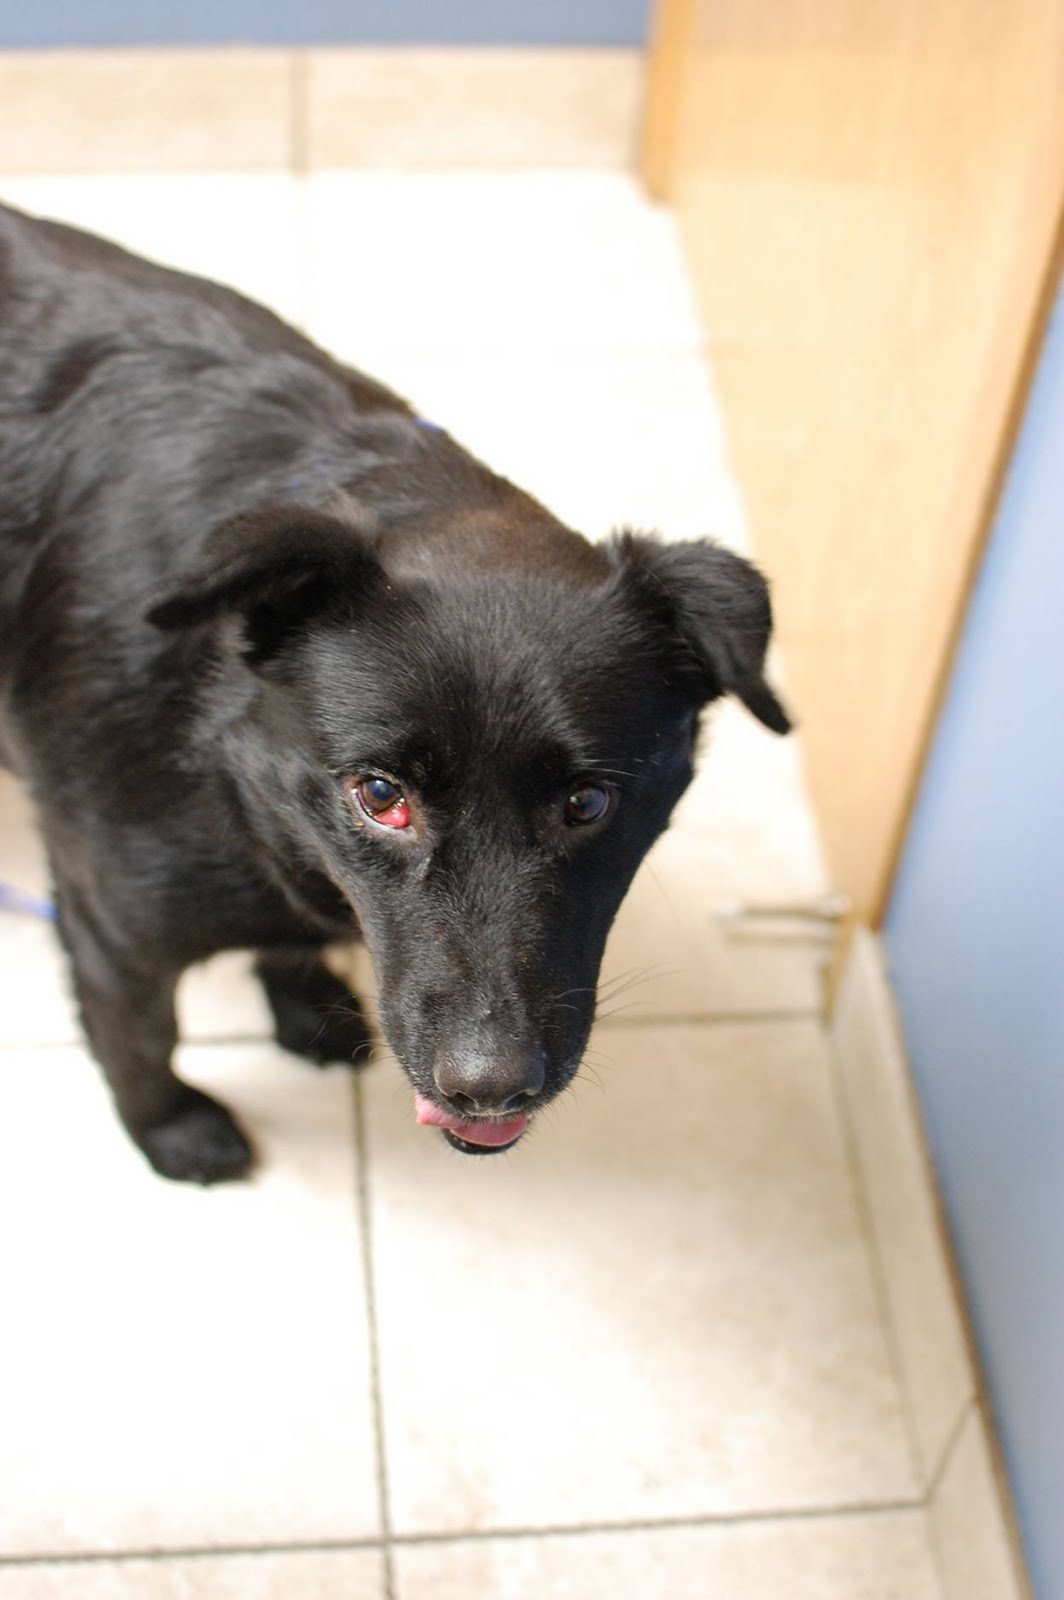 Dog Eye White Nicked Or Injury